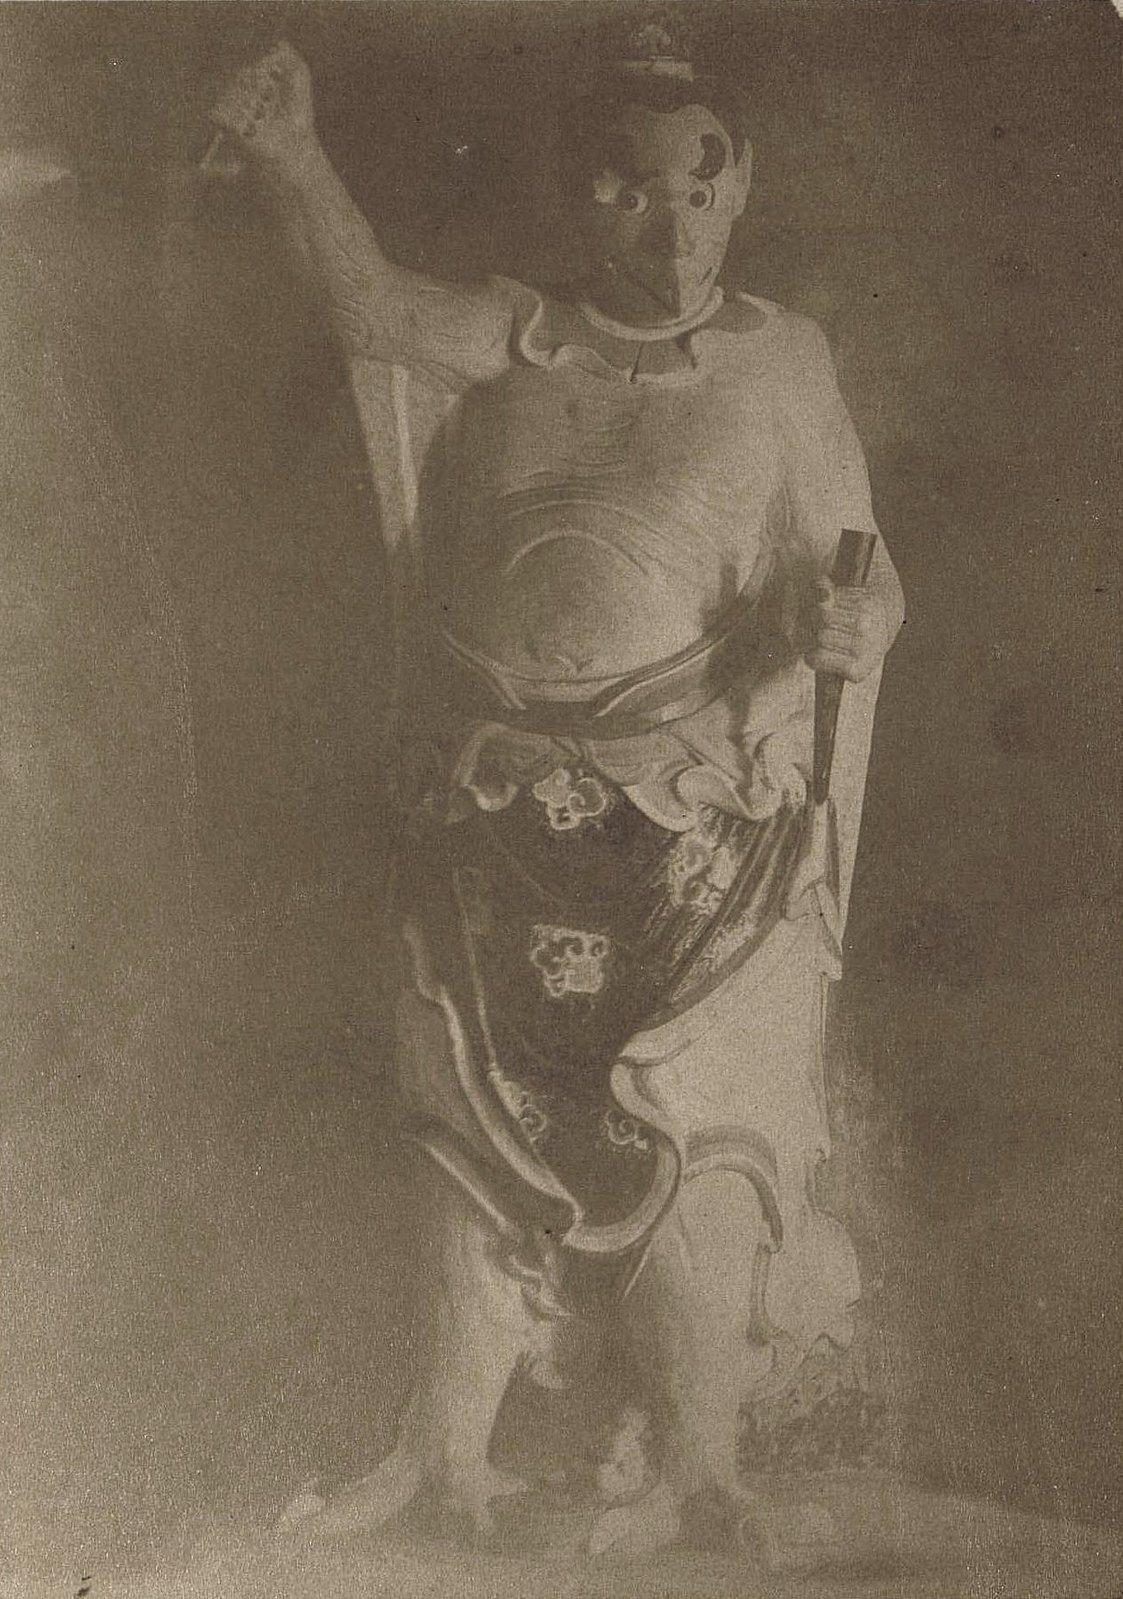 1898. Китай, г. Талиенван. «Китайские божества» (буддийская скульптура)